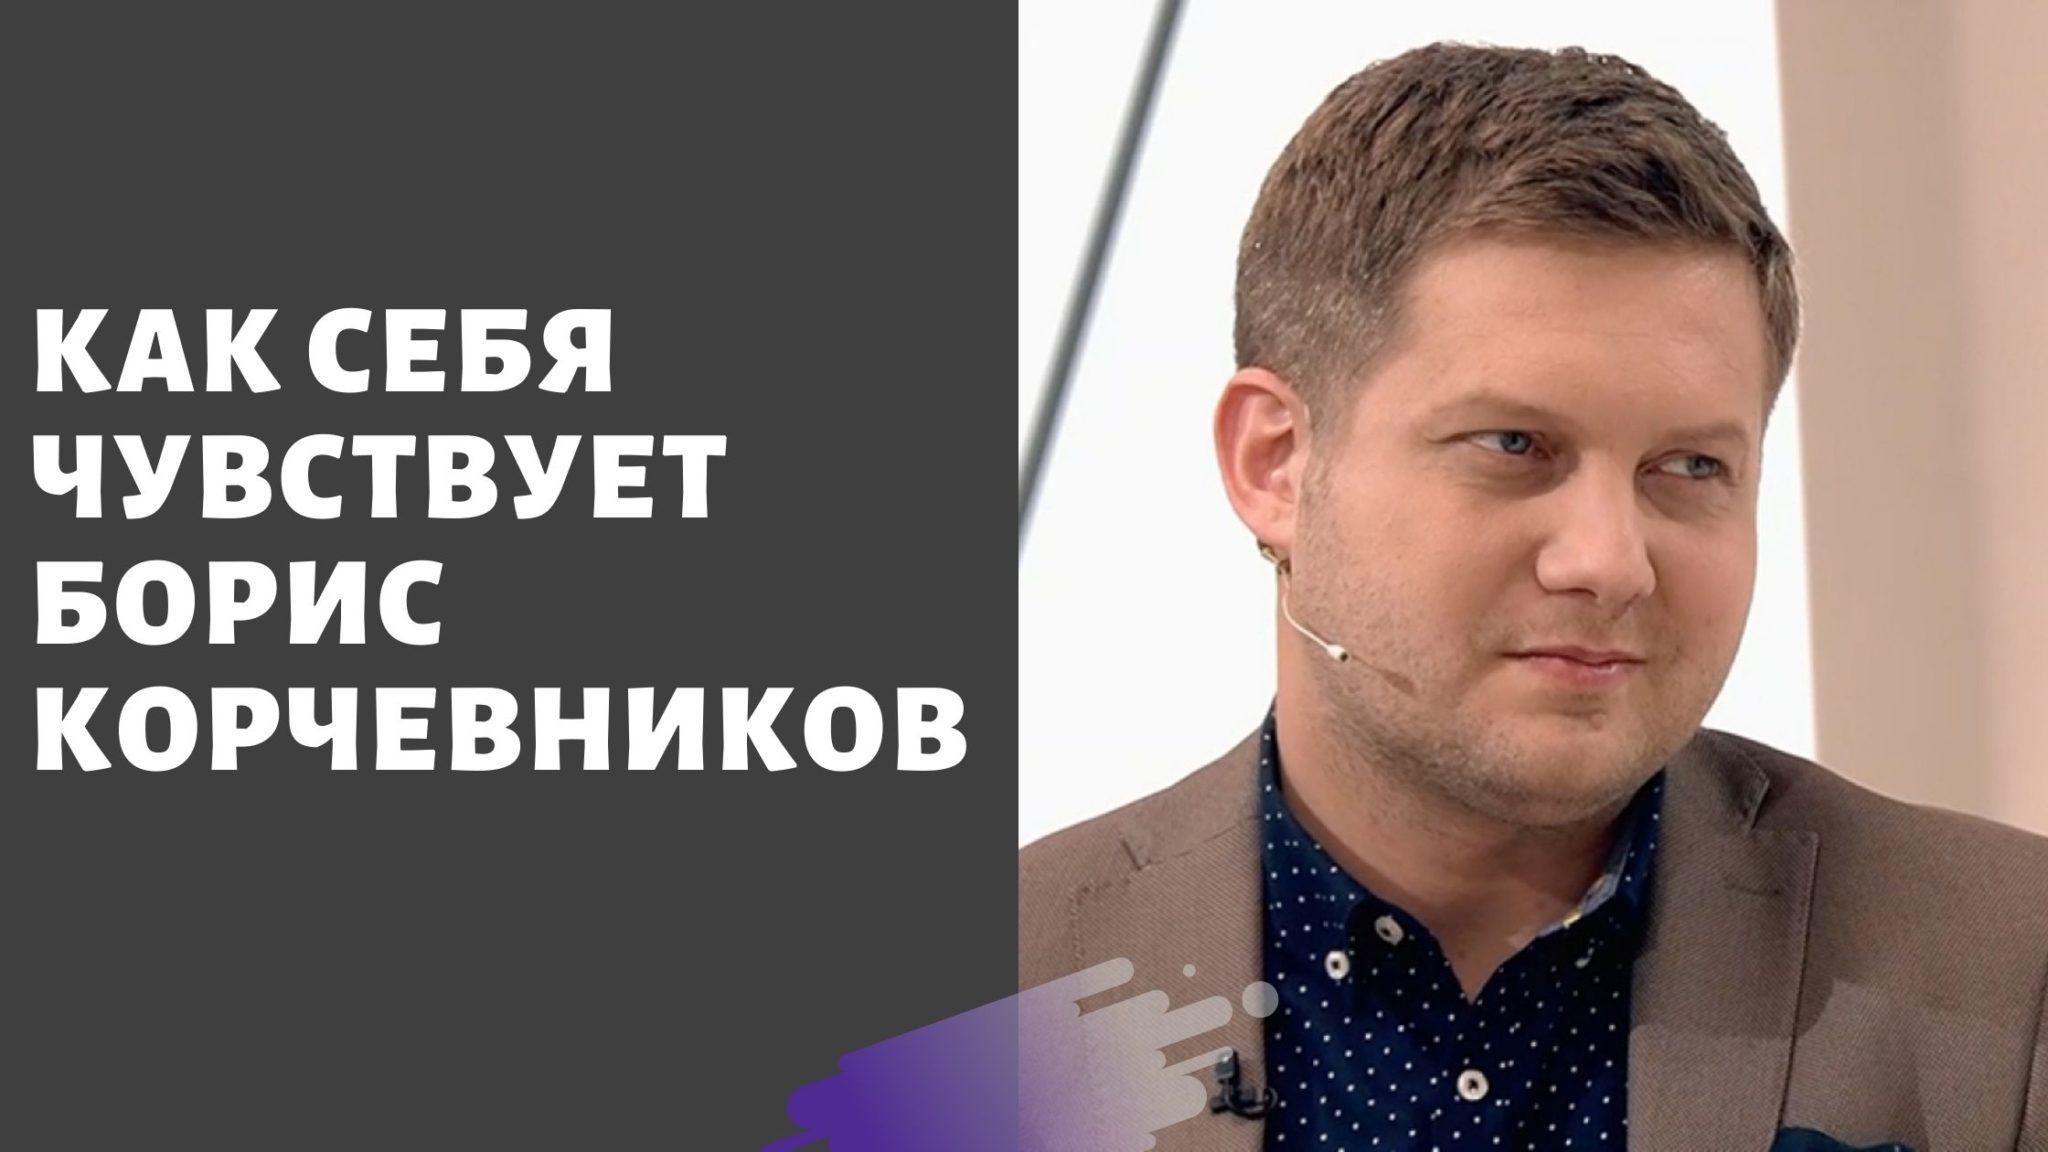 Как себя чувствует Борис Корчевников